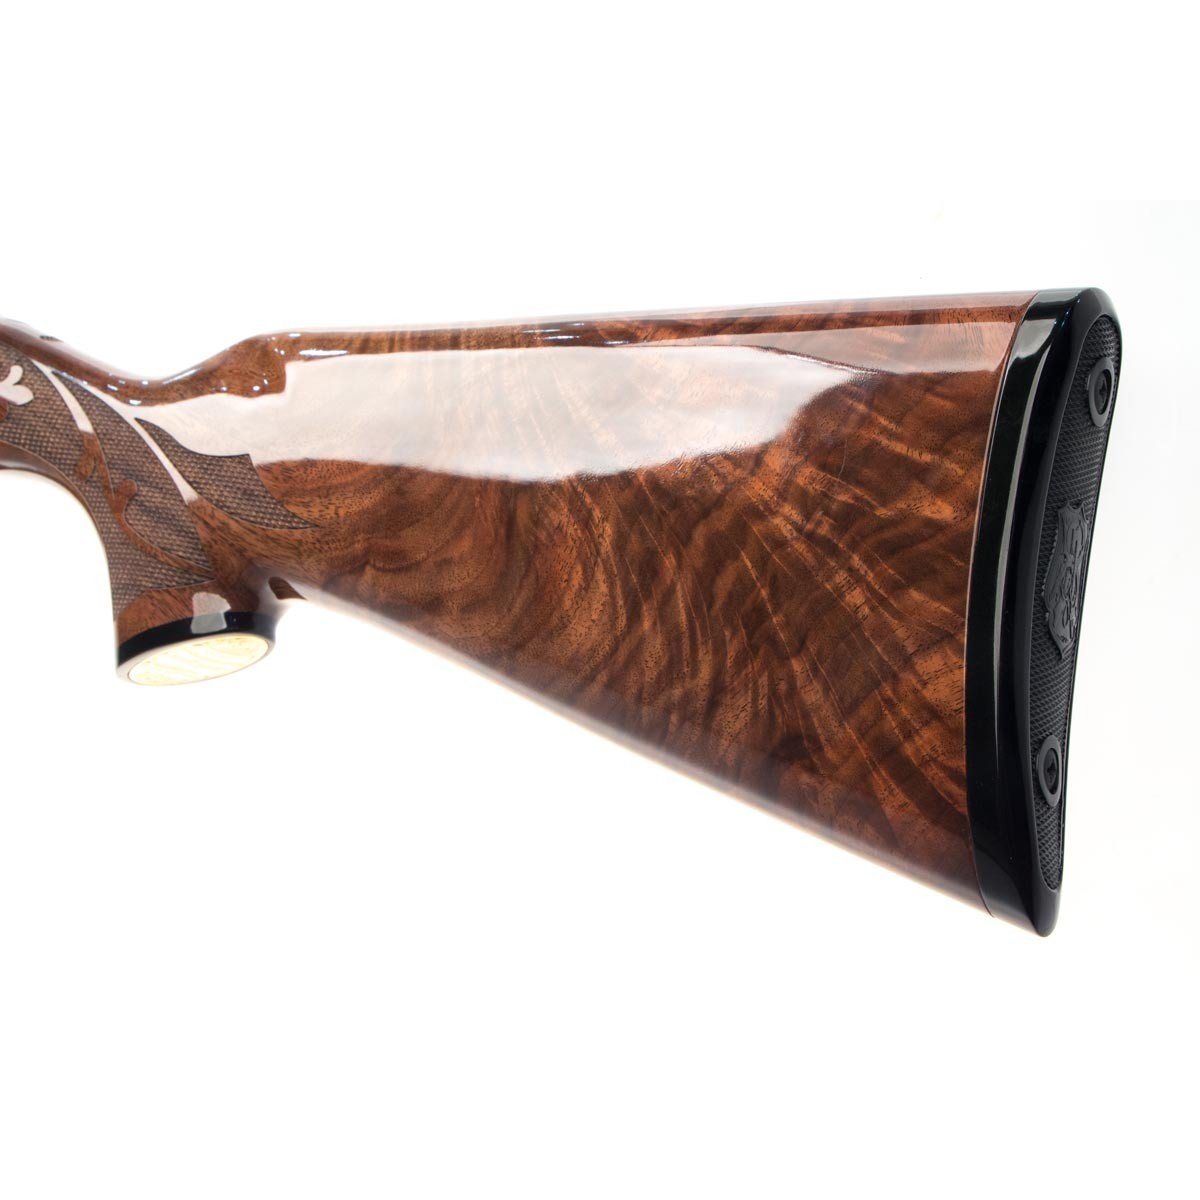 Remington 7600 30-06 Spr  200th Anniversary Edition - $999 99